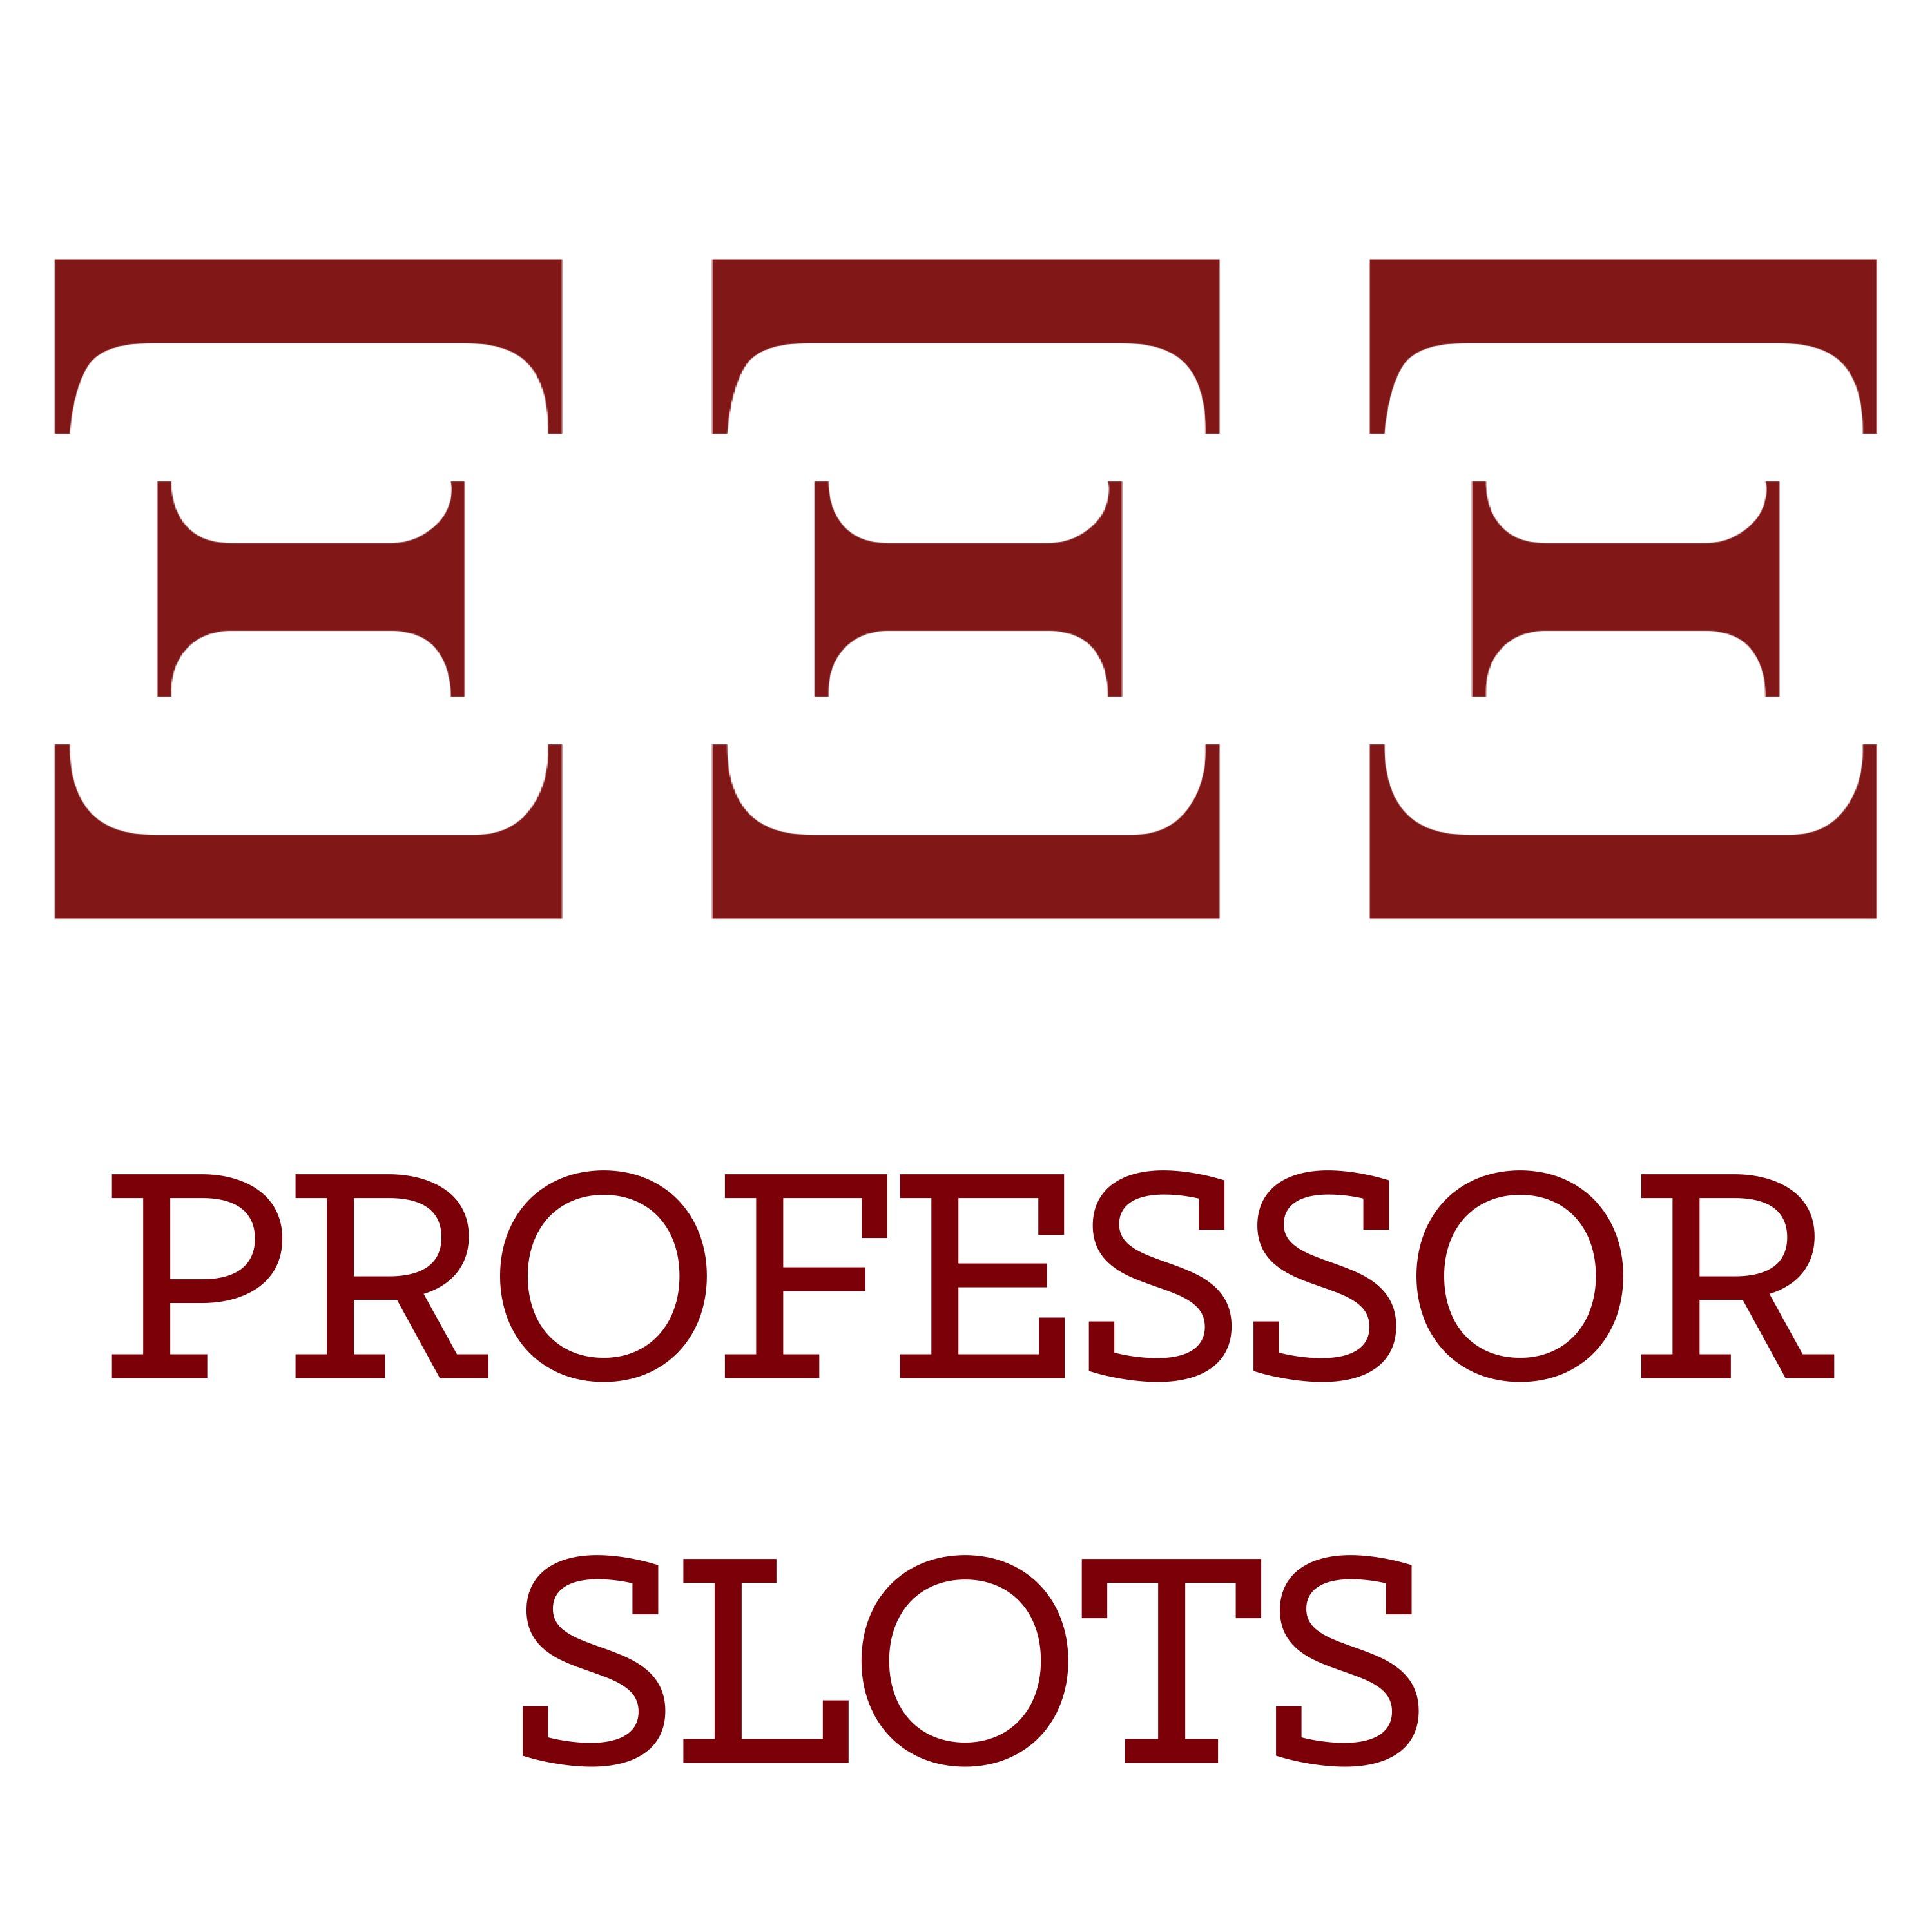 Professor Slots show art